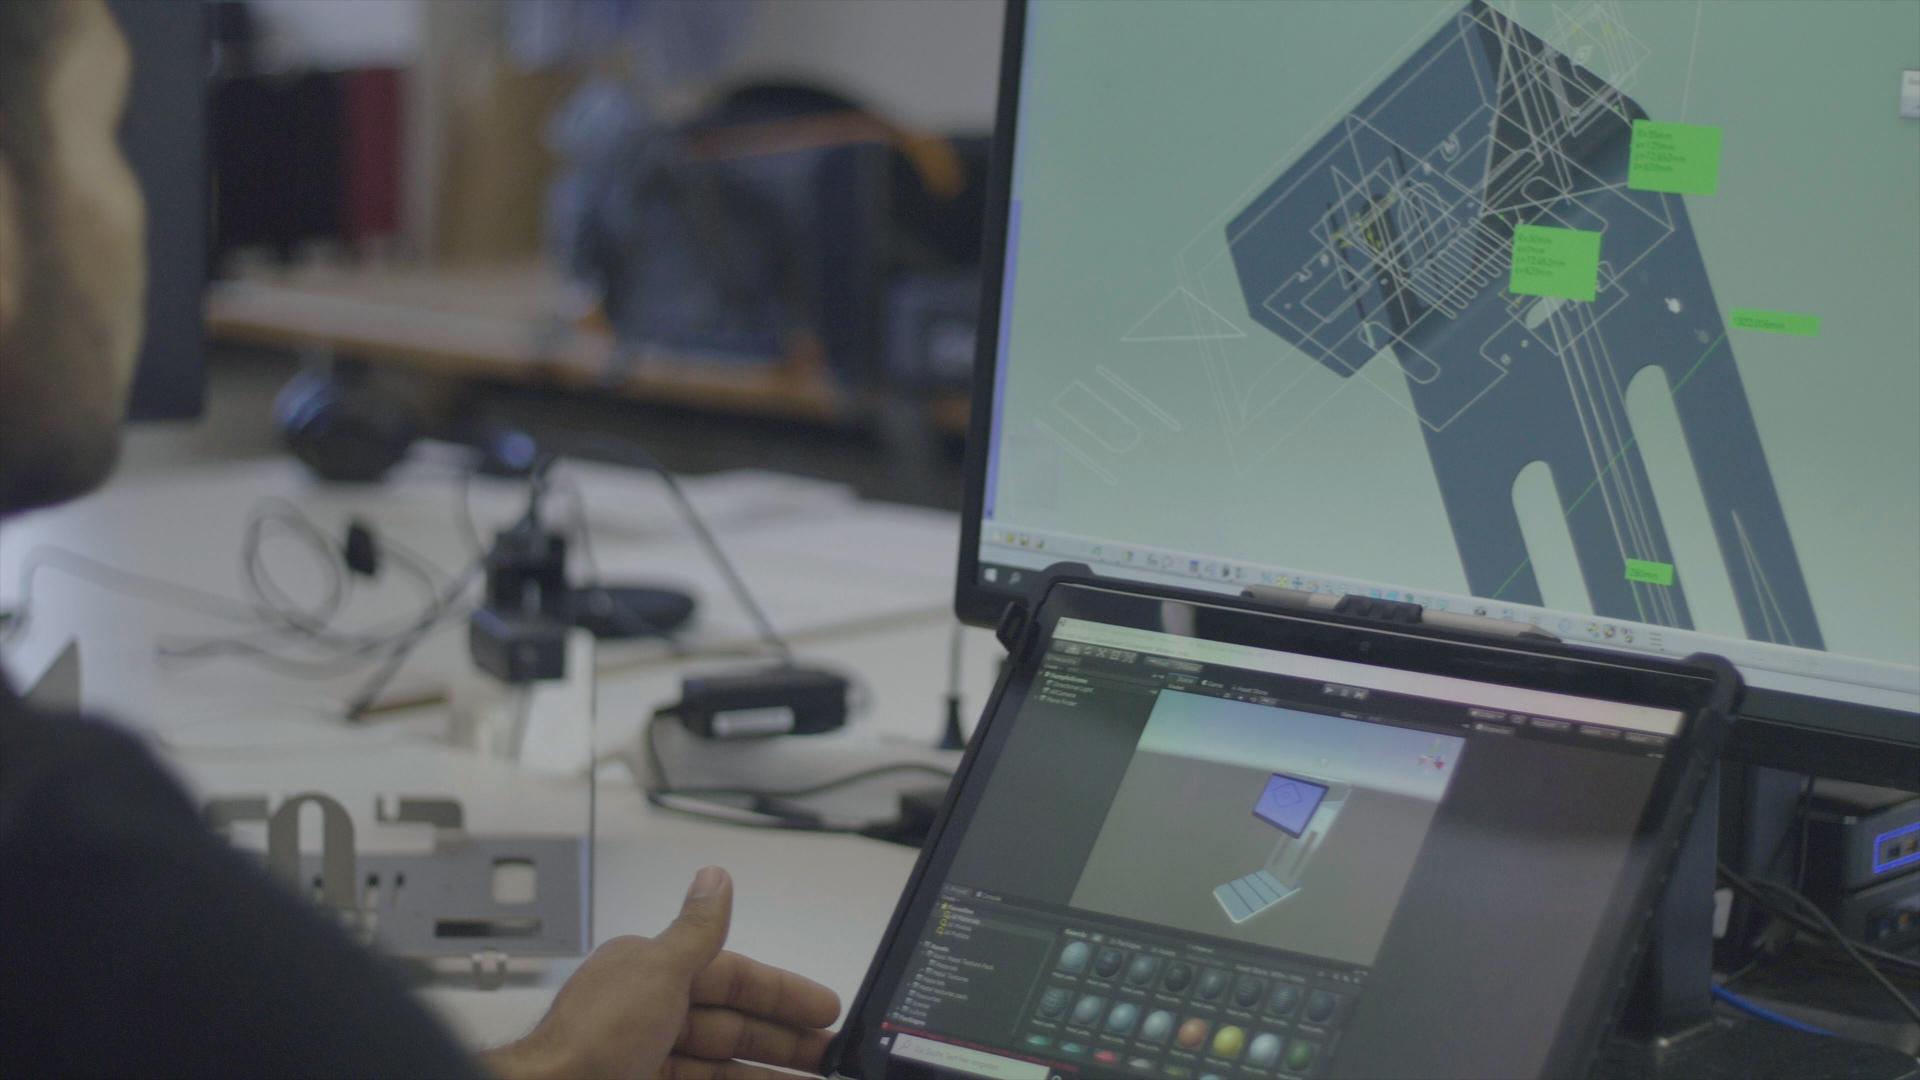 Mitarbeiter von auvisus bei der Entwicklung eines Prototypen des visioncheckouts